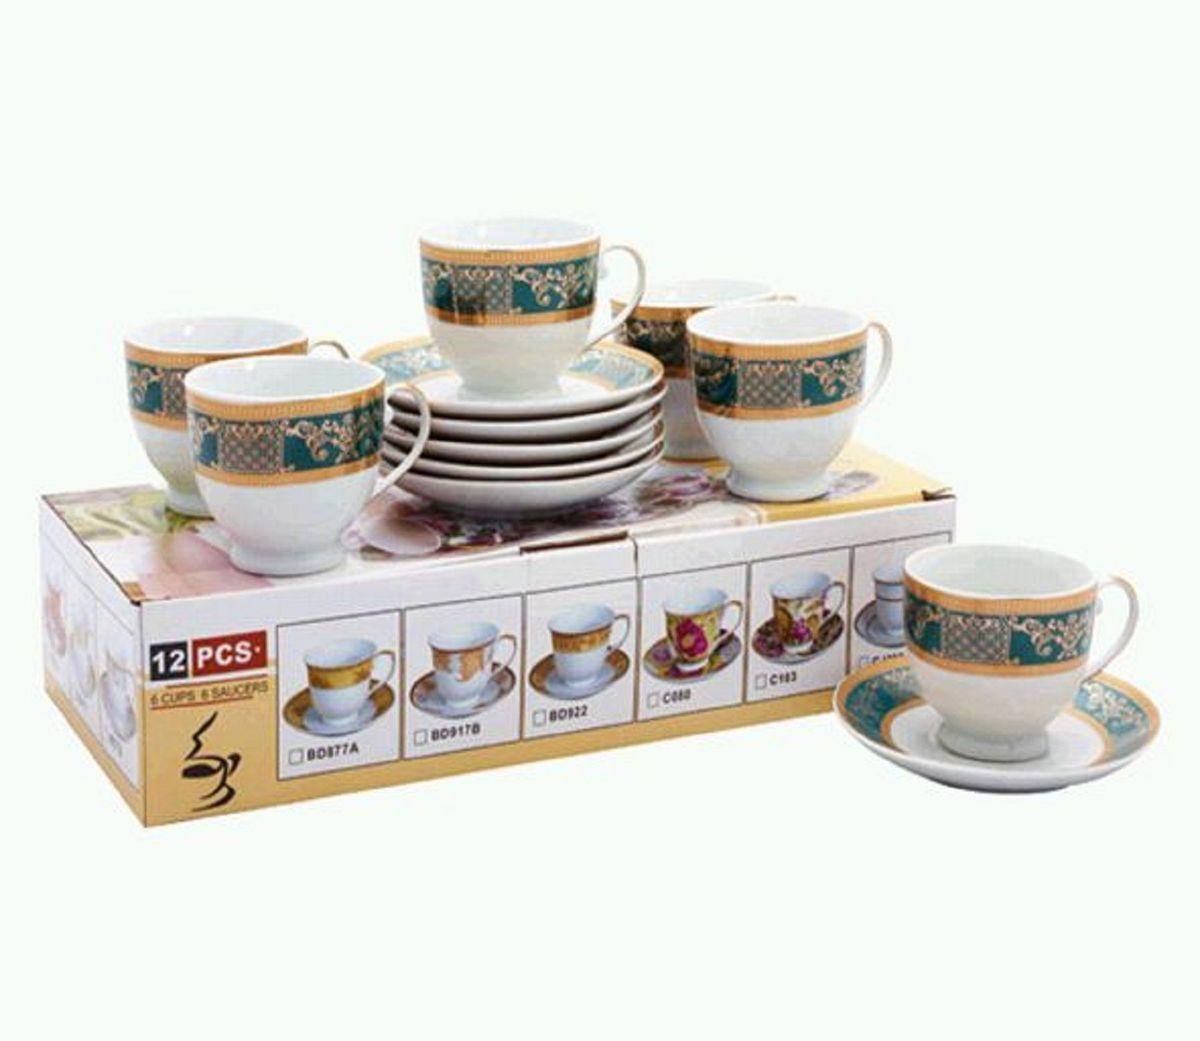 Набор чайный Elff Decor Зеленая полоса, 12 предметов115510Изделия выполнены из высококачественного фарфора. Чайный сервиз великолепно украсит стол к чаепитию и удивит вас и ваших гостей своим дизайном и практичностью.